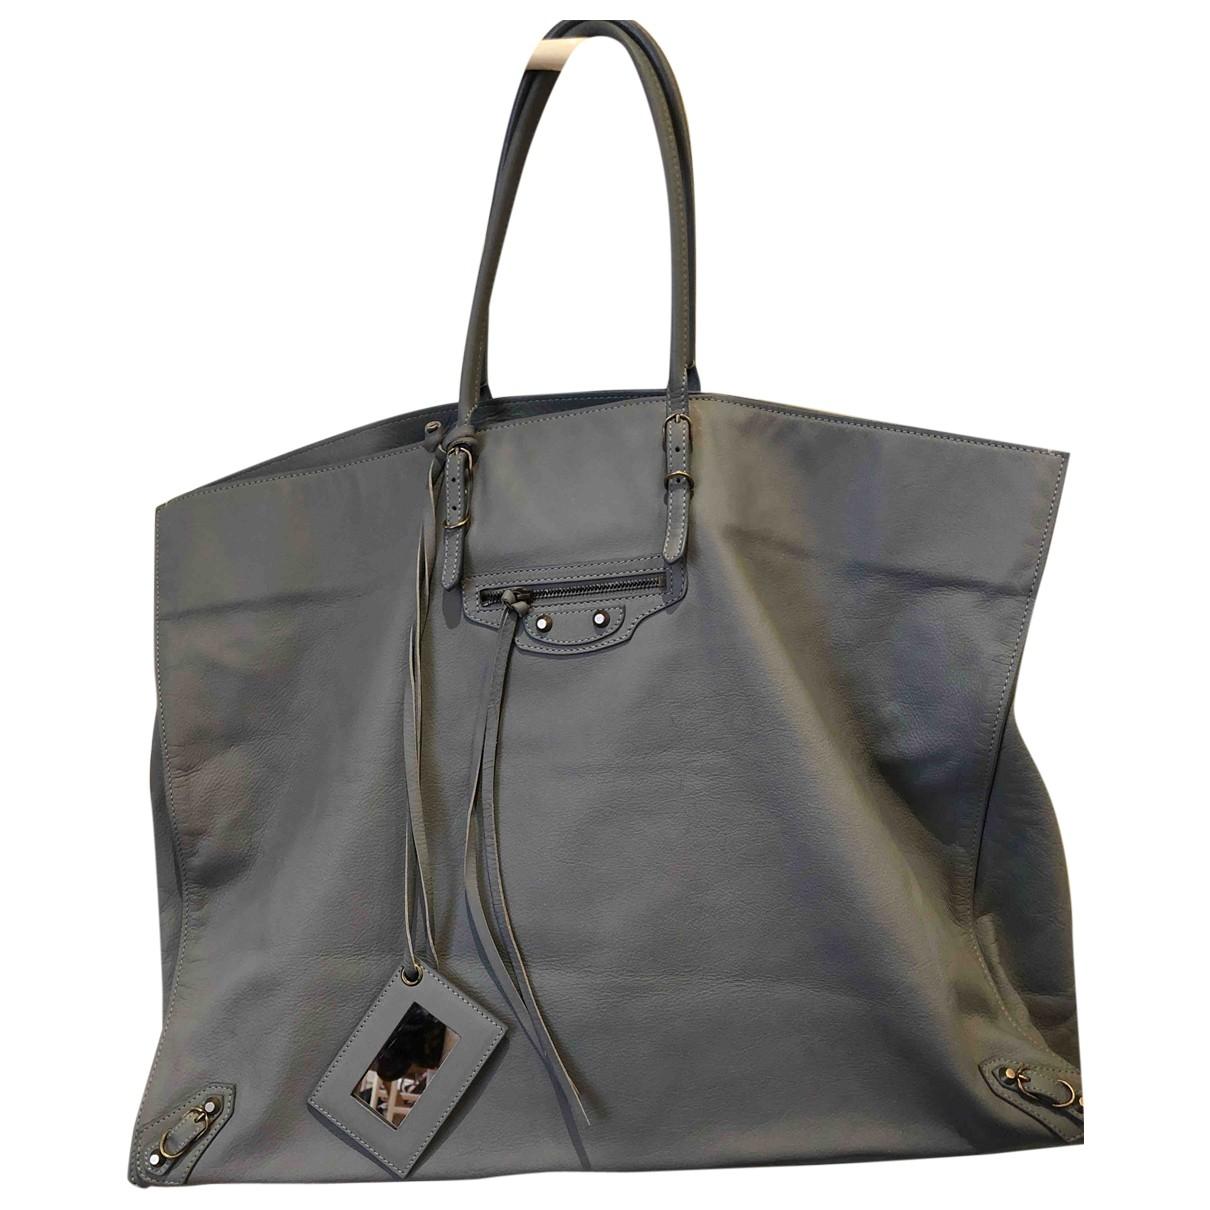 Balenciaga Papier Handtasche in Leder